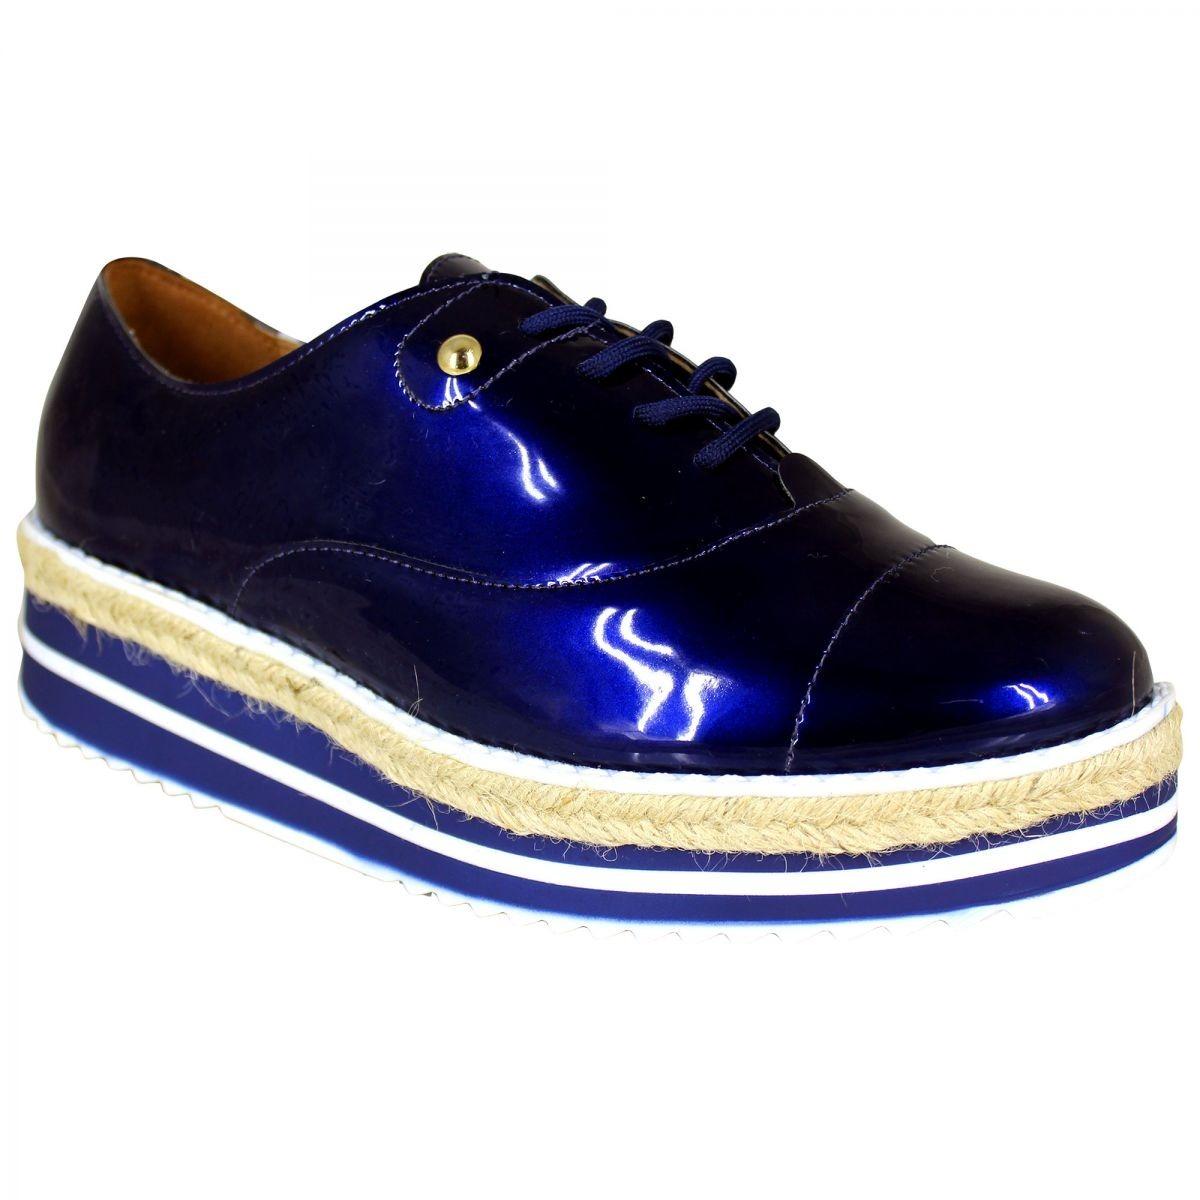 0c7b55f60 tênis vizzano - azul branco marinho - frete grátis. Carregando zoom.